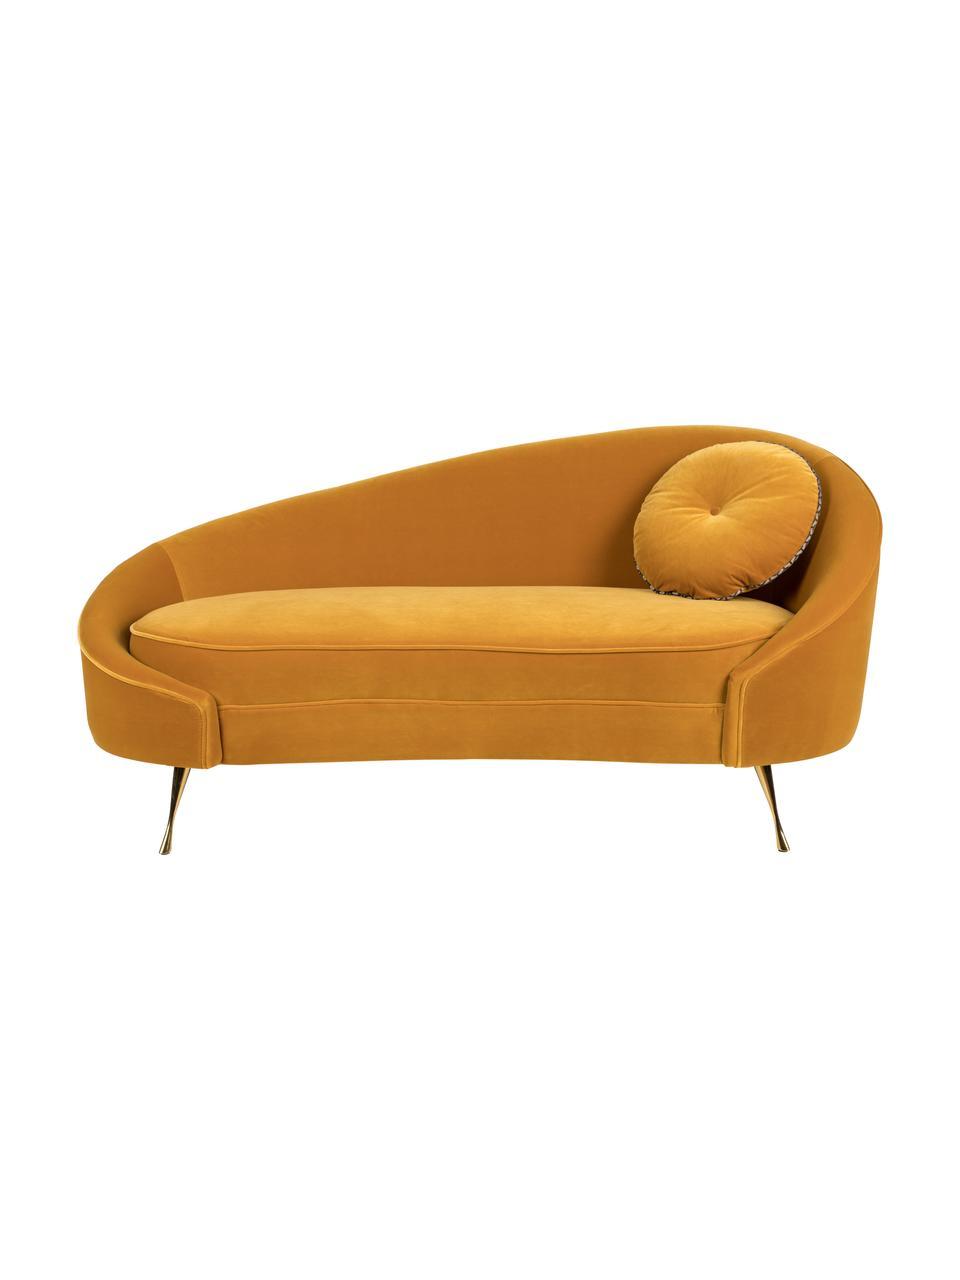 Designer Samt-Sofa I Am Not A Croissant (2-Sitzer) in Gelb, Bezug: Polyestersamt 30 000 Sche, Füße: Edelstahl, beschichtet, Rahmen: Sperrholz, Samt Ockergelb, 168 x 76 cm